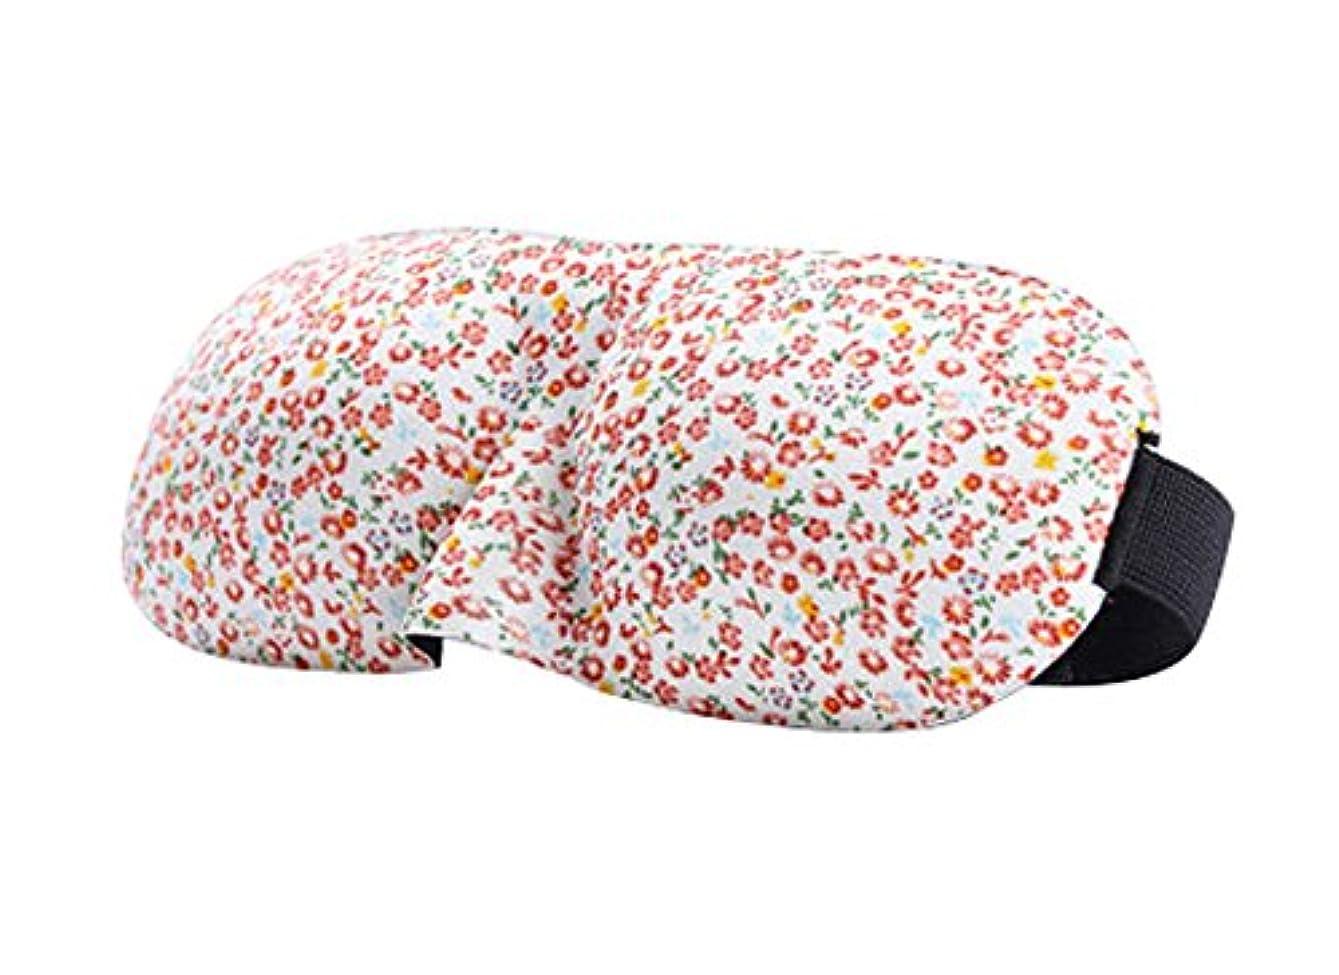 再開どきどきオフェンス2つの素敵な花のアイシェイド睡眠アイマスク男性女性の3Dソフトアイマスク